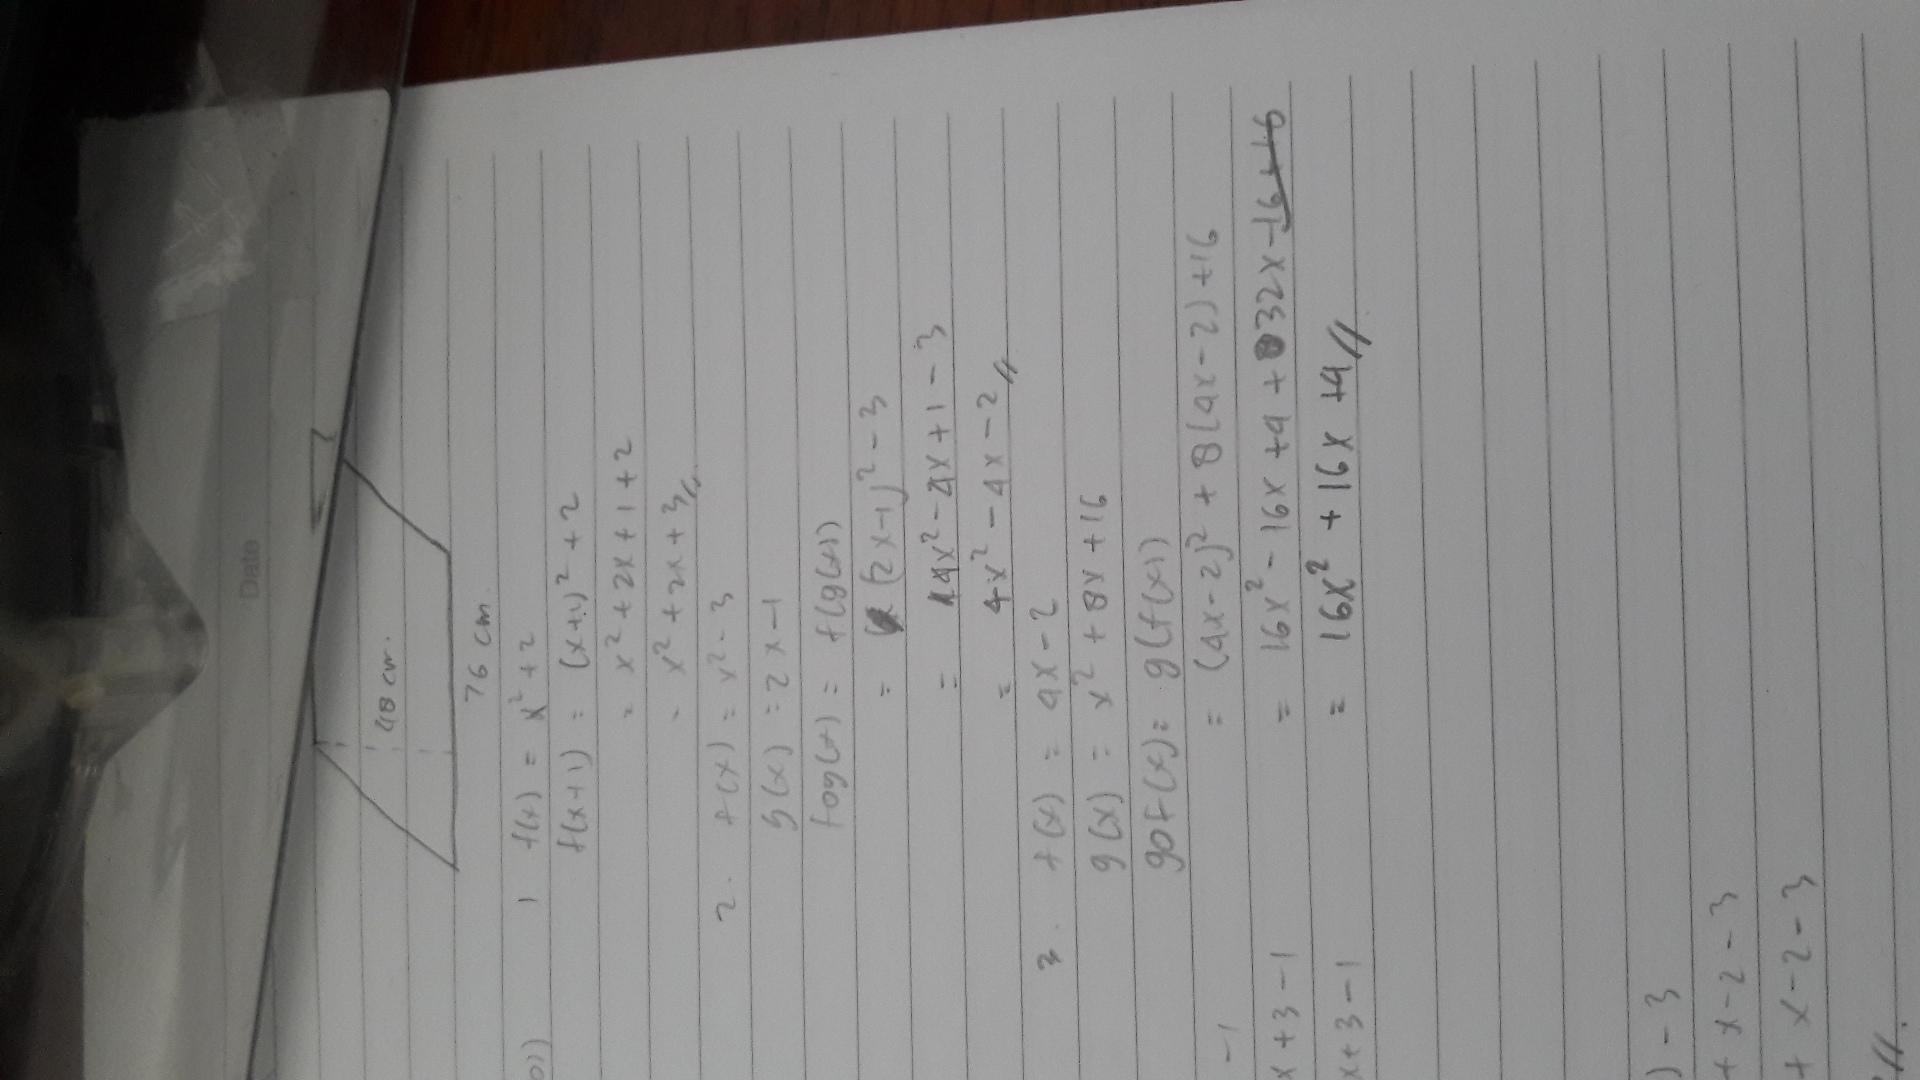 1 jika f(x)=x² + 2 maka f(x+1) = 2 diketahui f(x)=x²- 3 ...